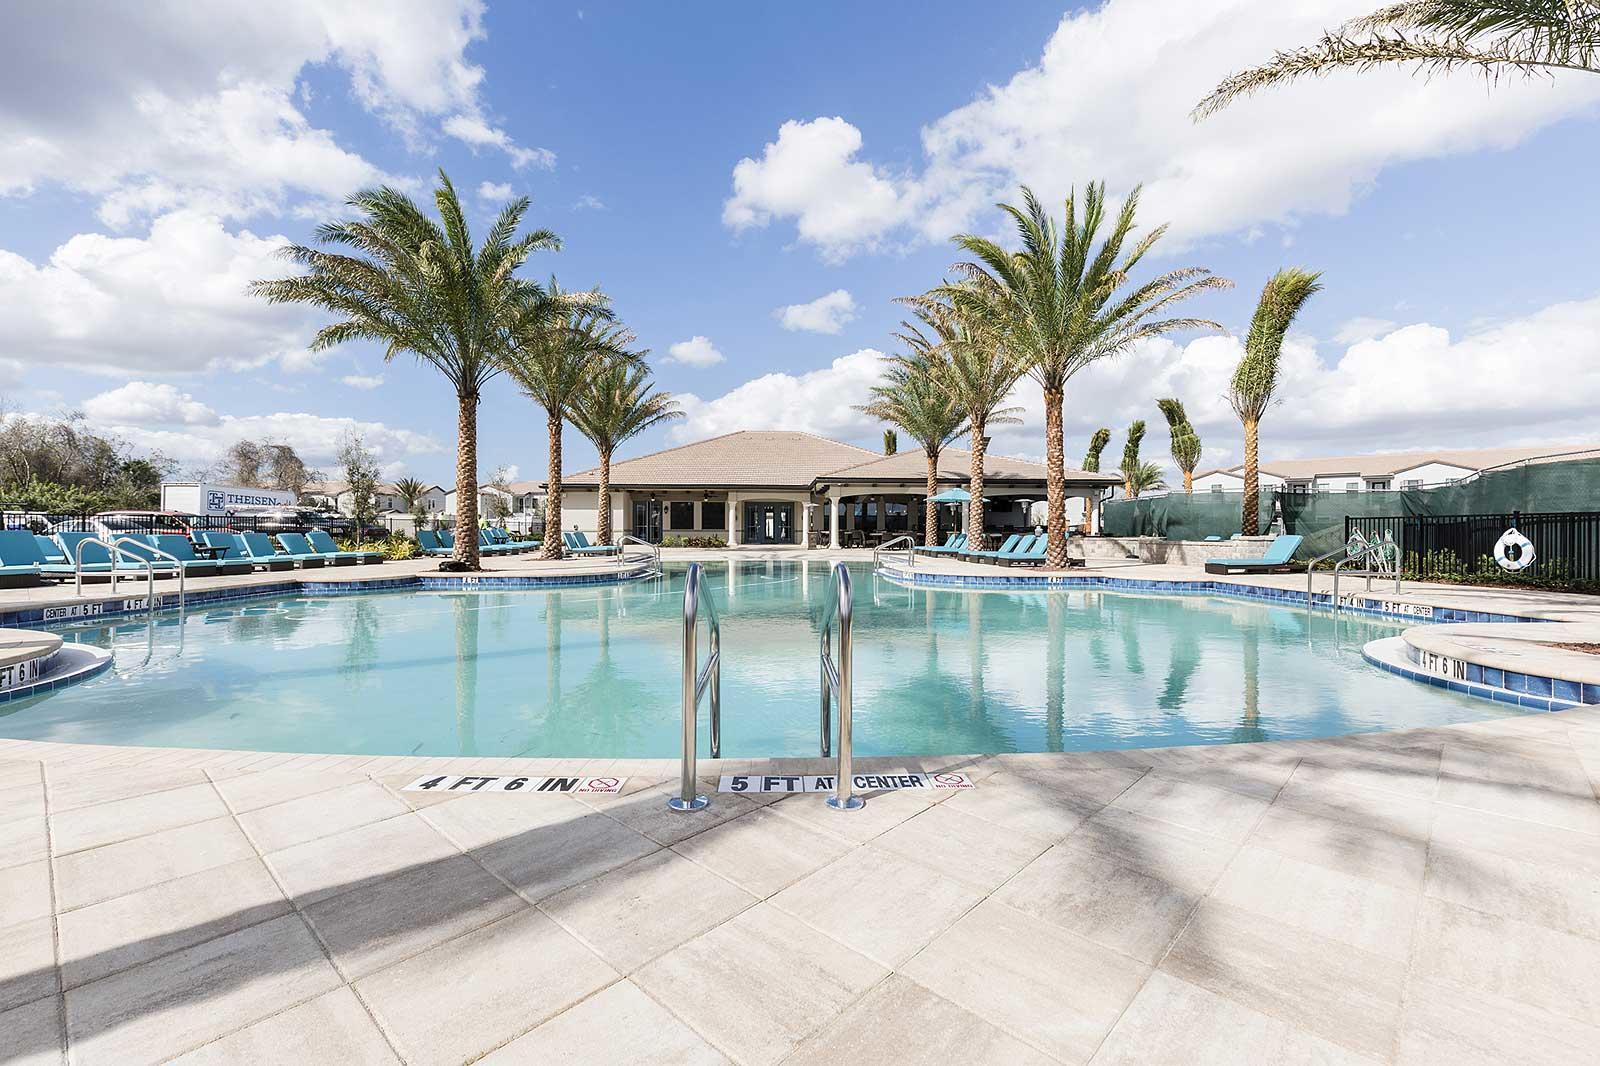 Balmoral Resort Florida image 5